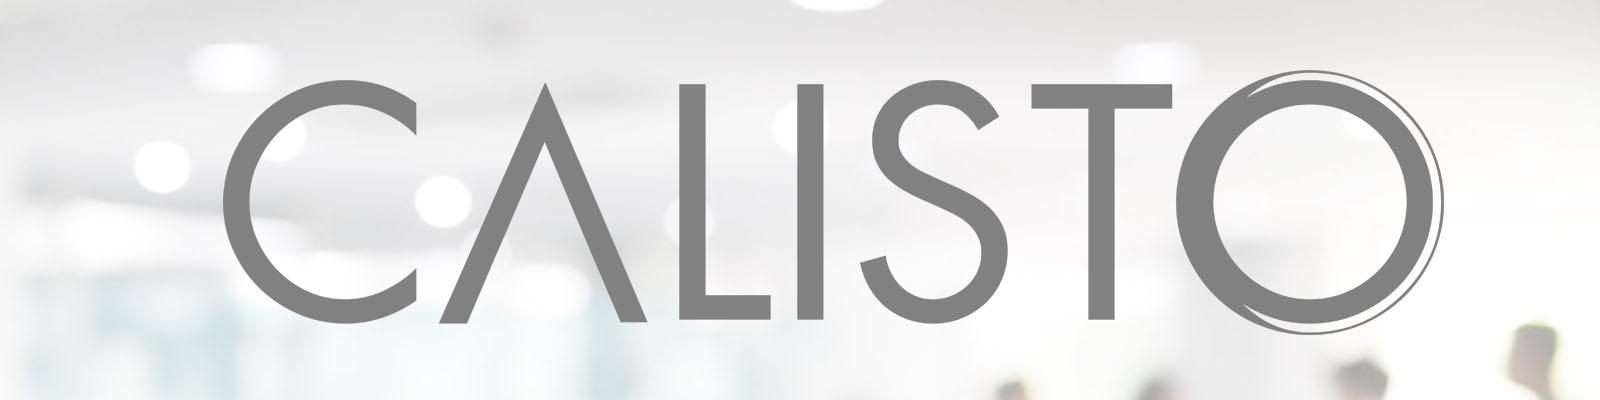 Calisto Ajans banner fotograf